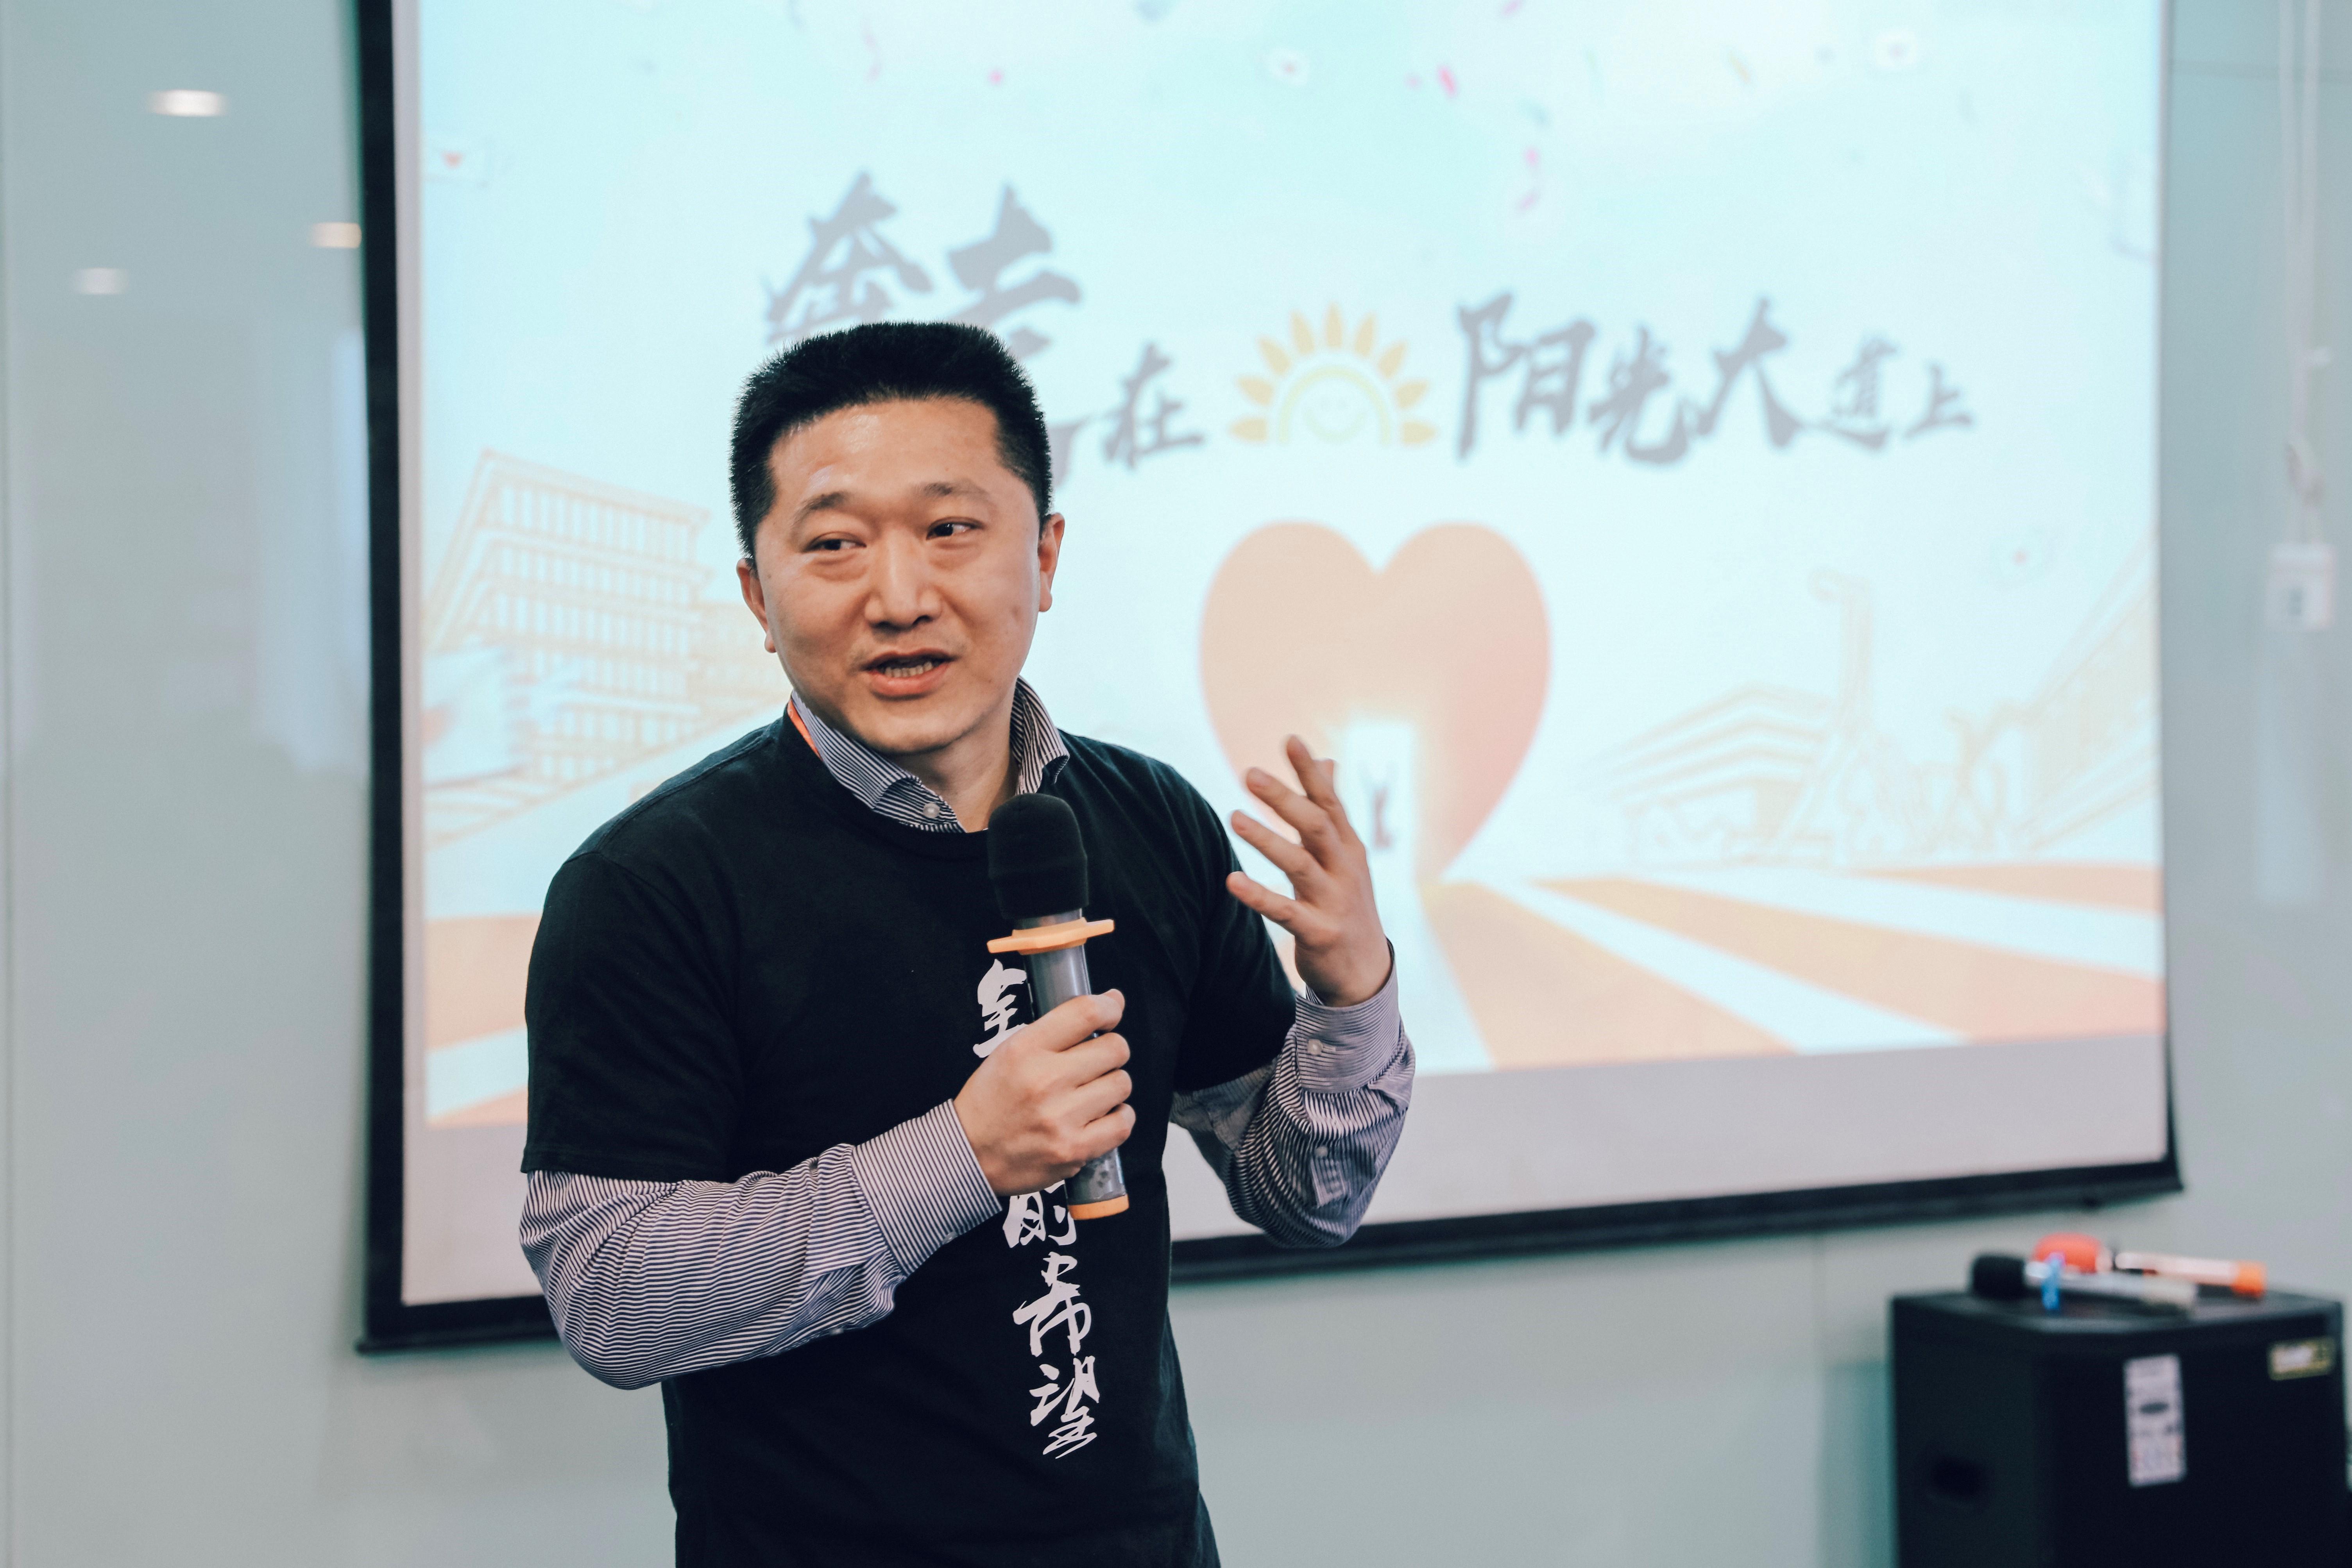 阿里巴巴集团副总裁李少华